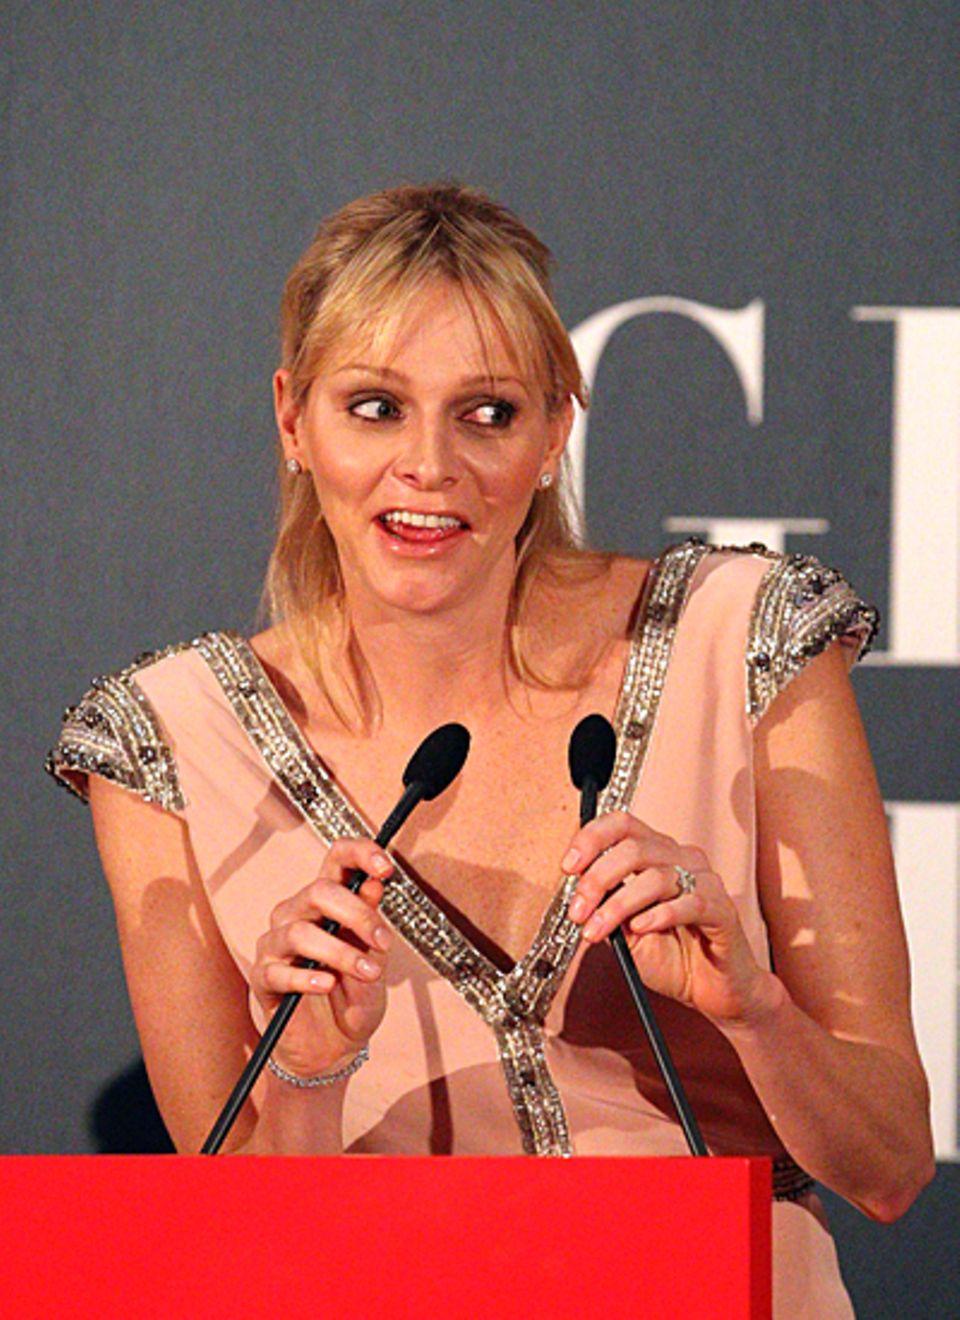 """Fürstin Charlène freut sich so sehr über die Eröffnung der """"Grace Kelly Ausstellung"""" im australischen Bendigo, dass ihr die Gesi"""